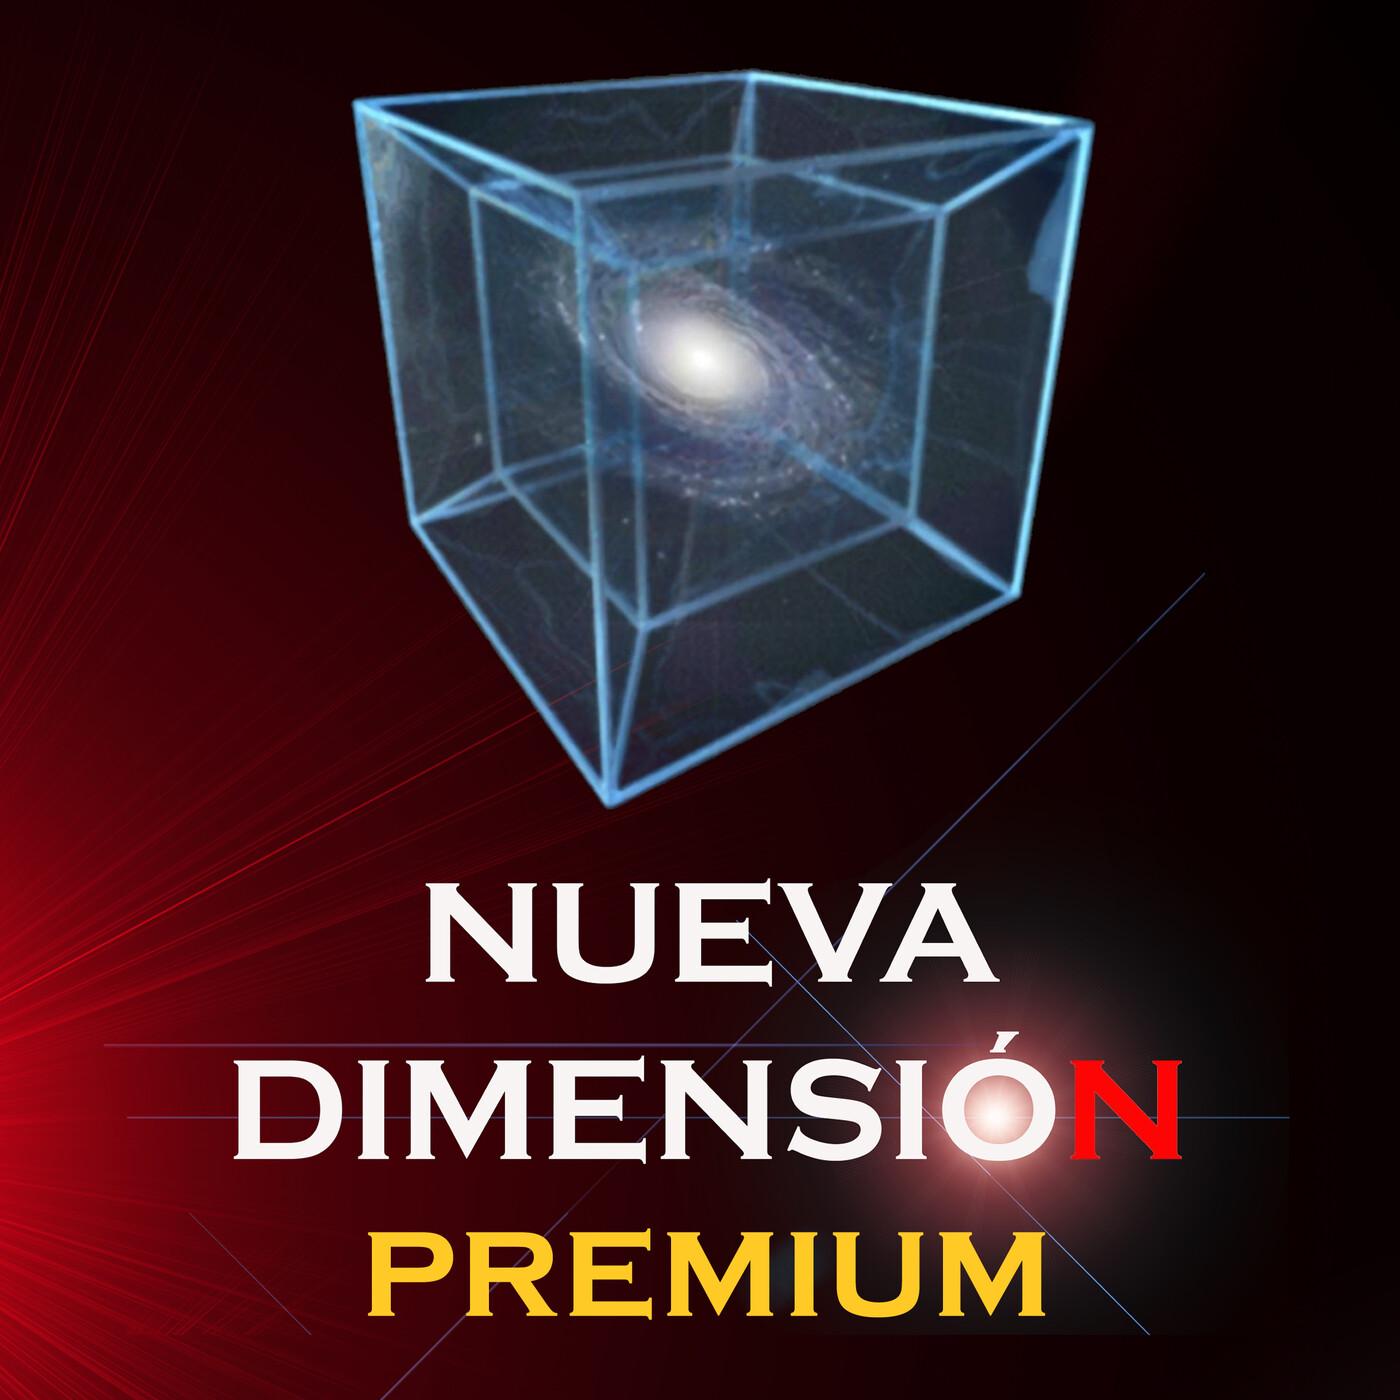 NUEVA DIMENSIÓN PREMIUM (20x1)